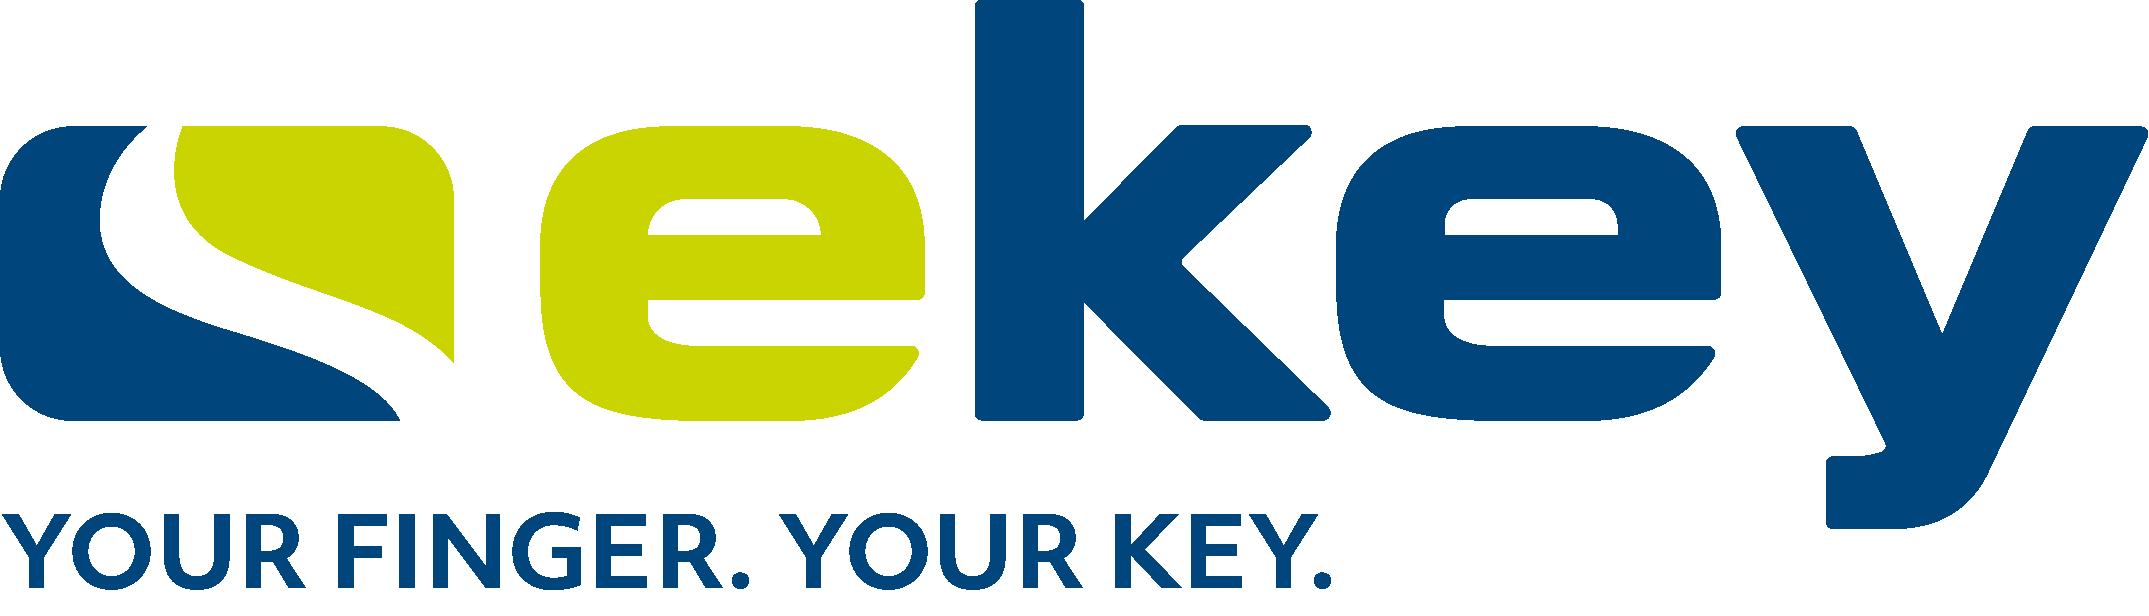 Logo Ekey, Partner des FH OÖ Studiengangs Hardware-Software-Design in dualer Form